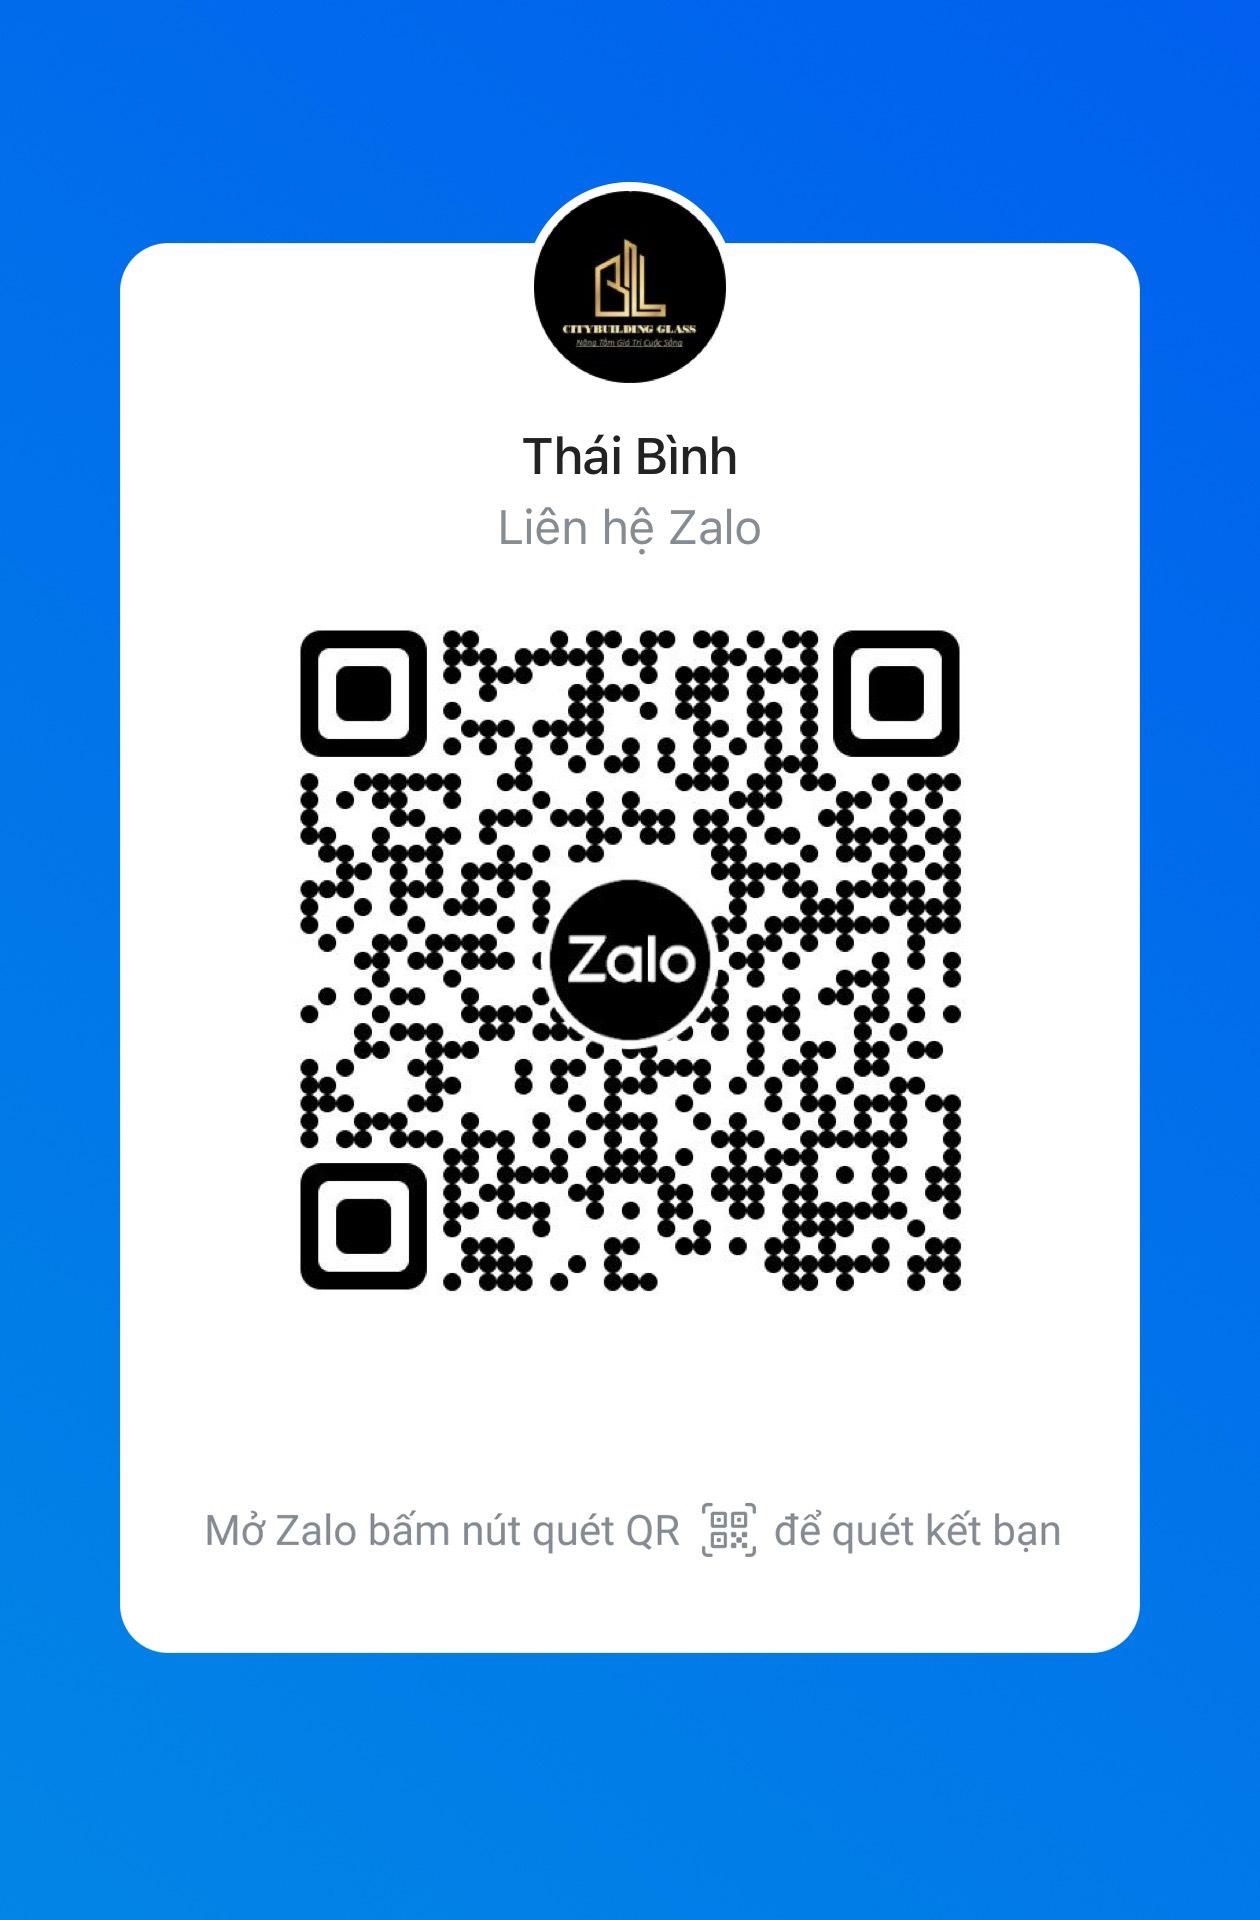 Tư Vấn Qua  Zalo - 0965 822 416